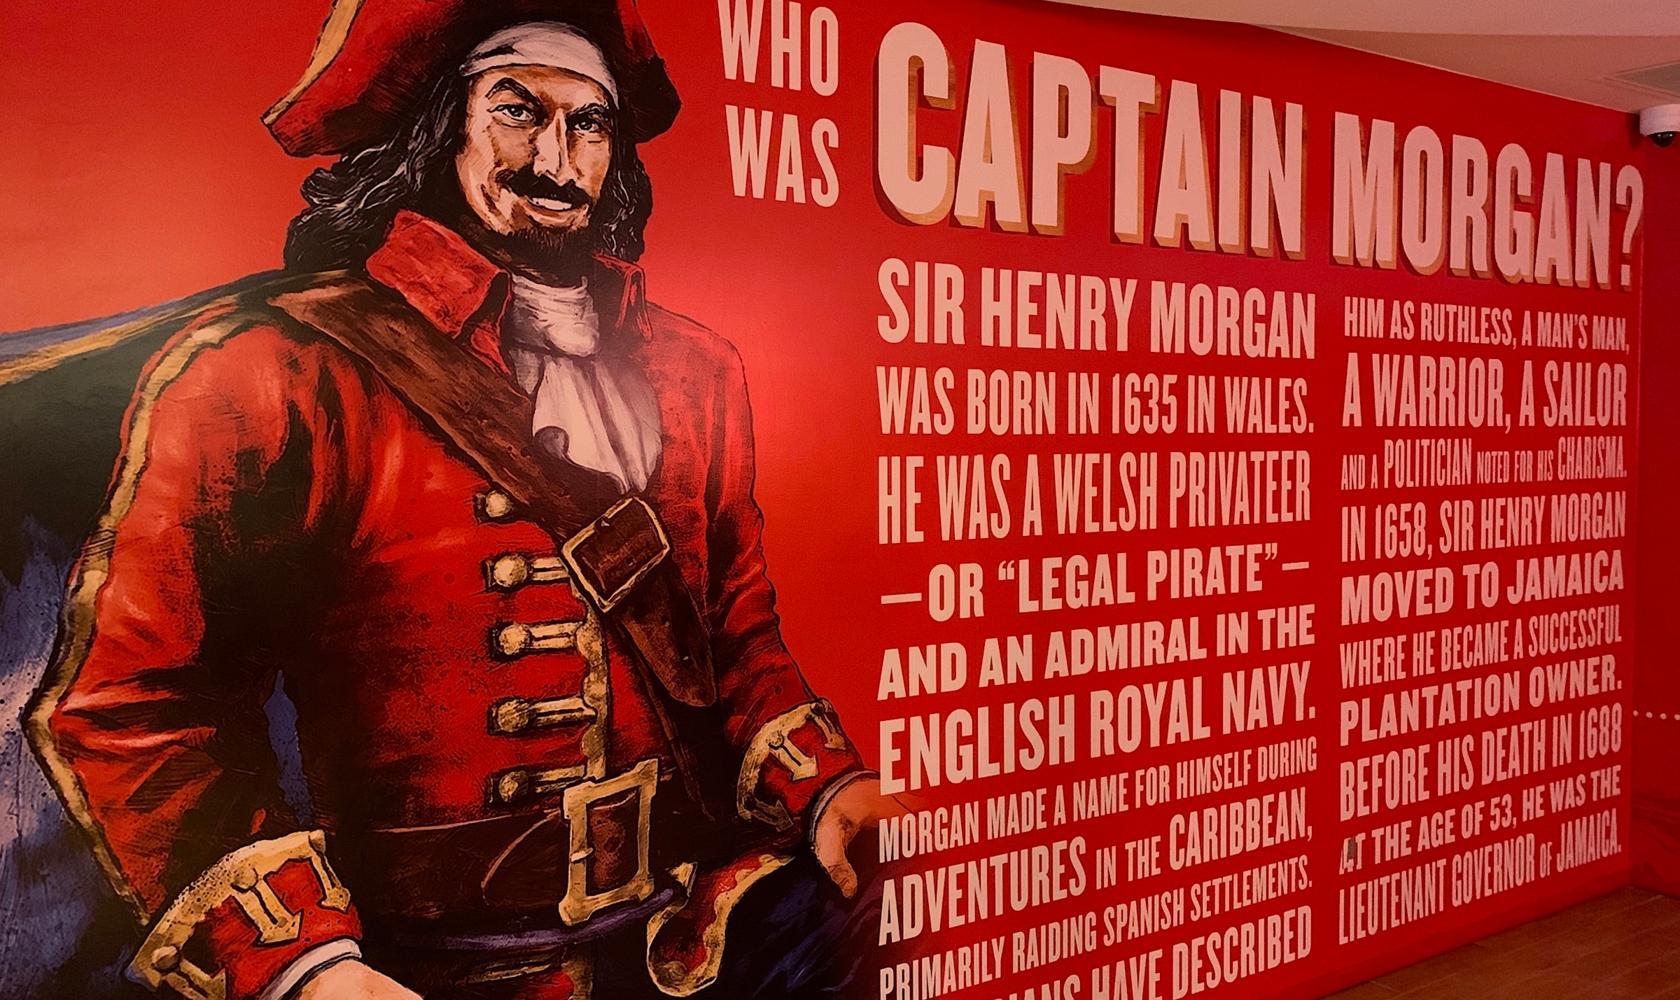 Captain Morgan Distillery - Who was Captain Morgan?